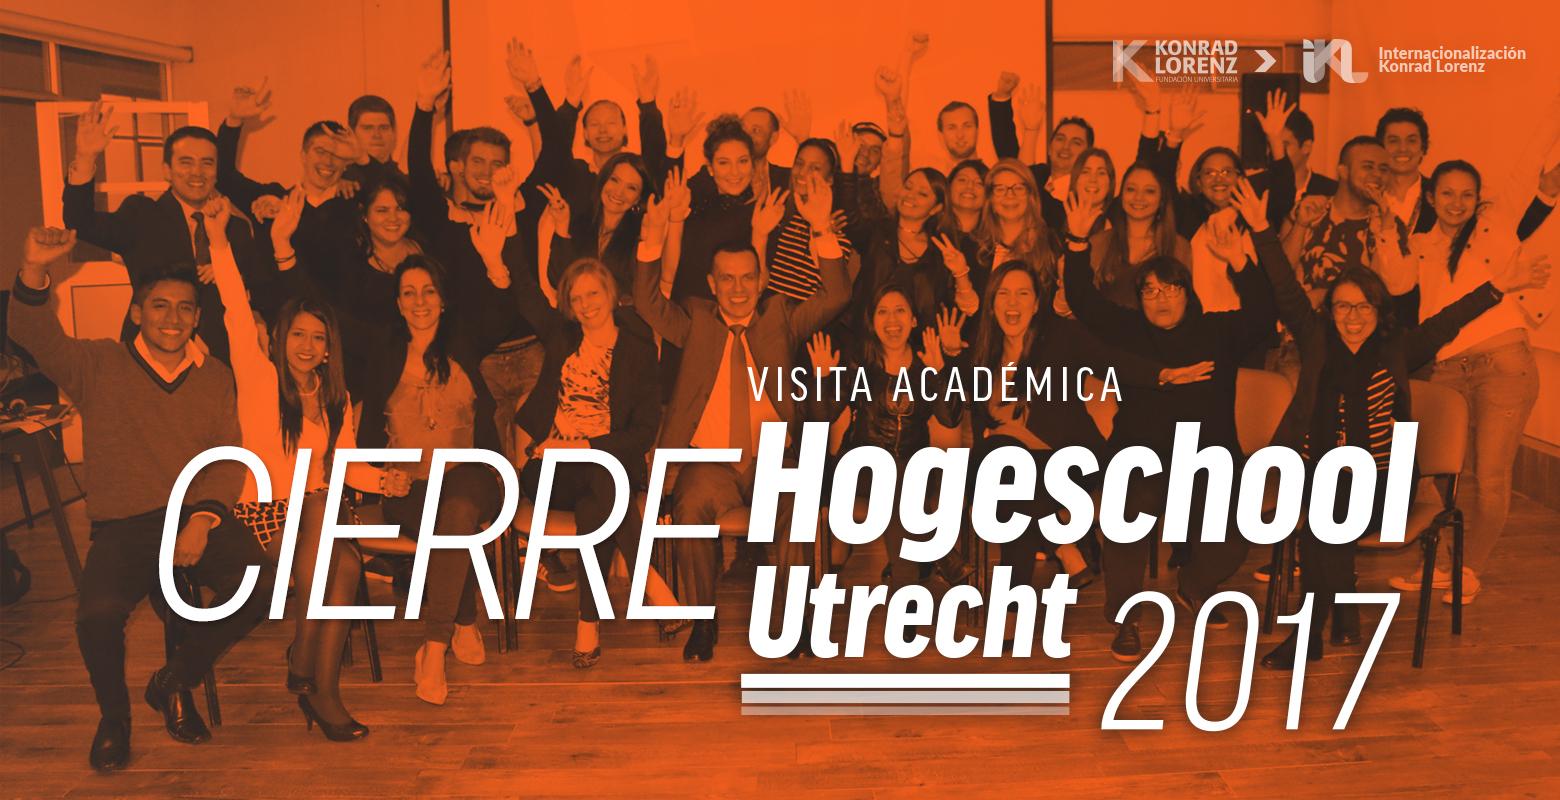 Cierre visita académica Hogeschool Utrecht 2017